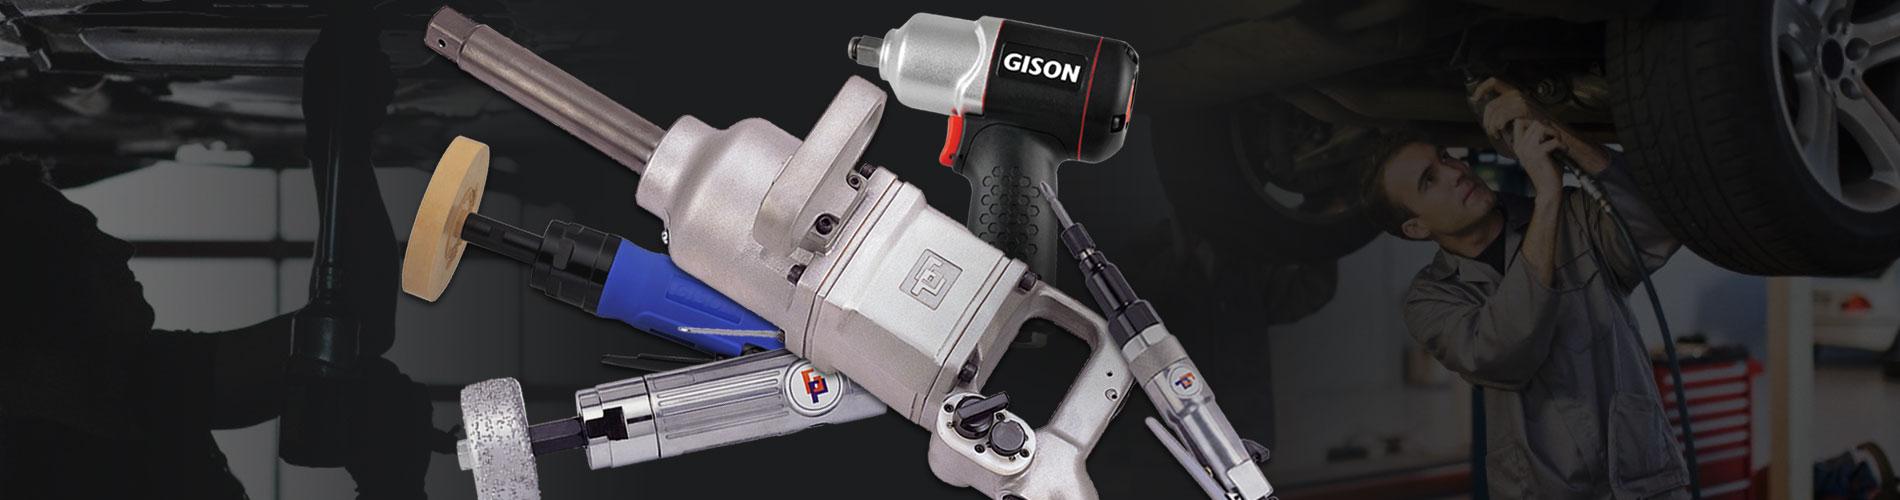 Εργαλεία αέρα για Στερέωση / Επισκευή αυτοκινήτων